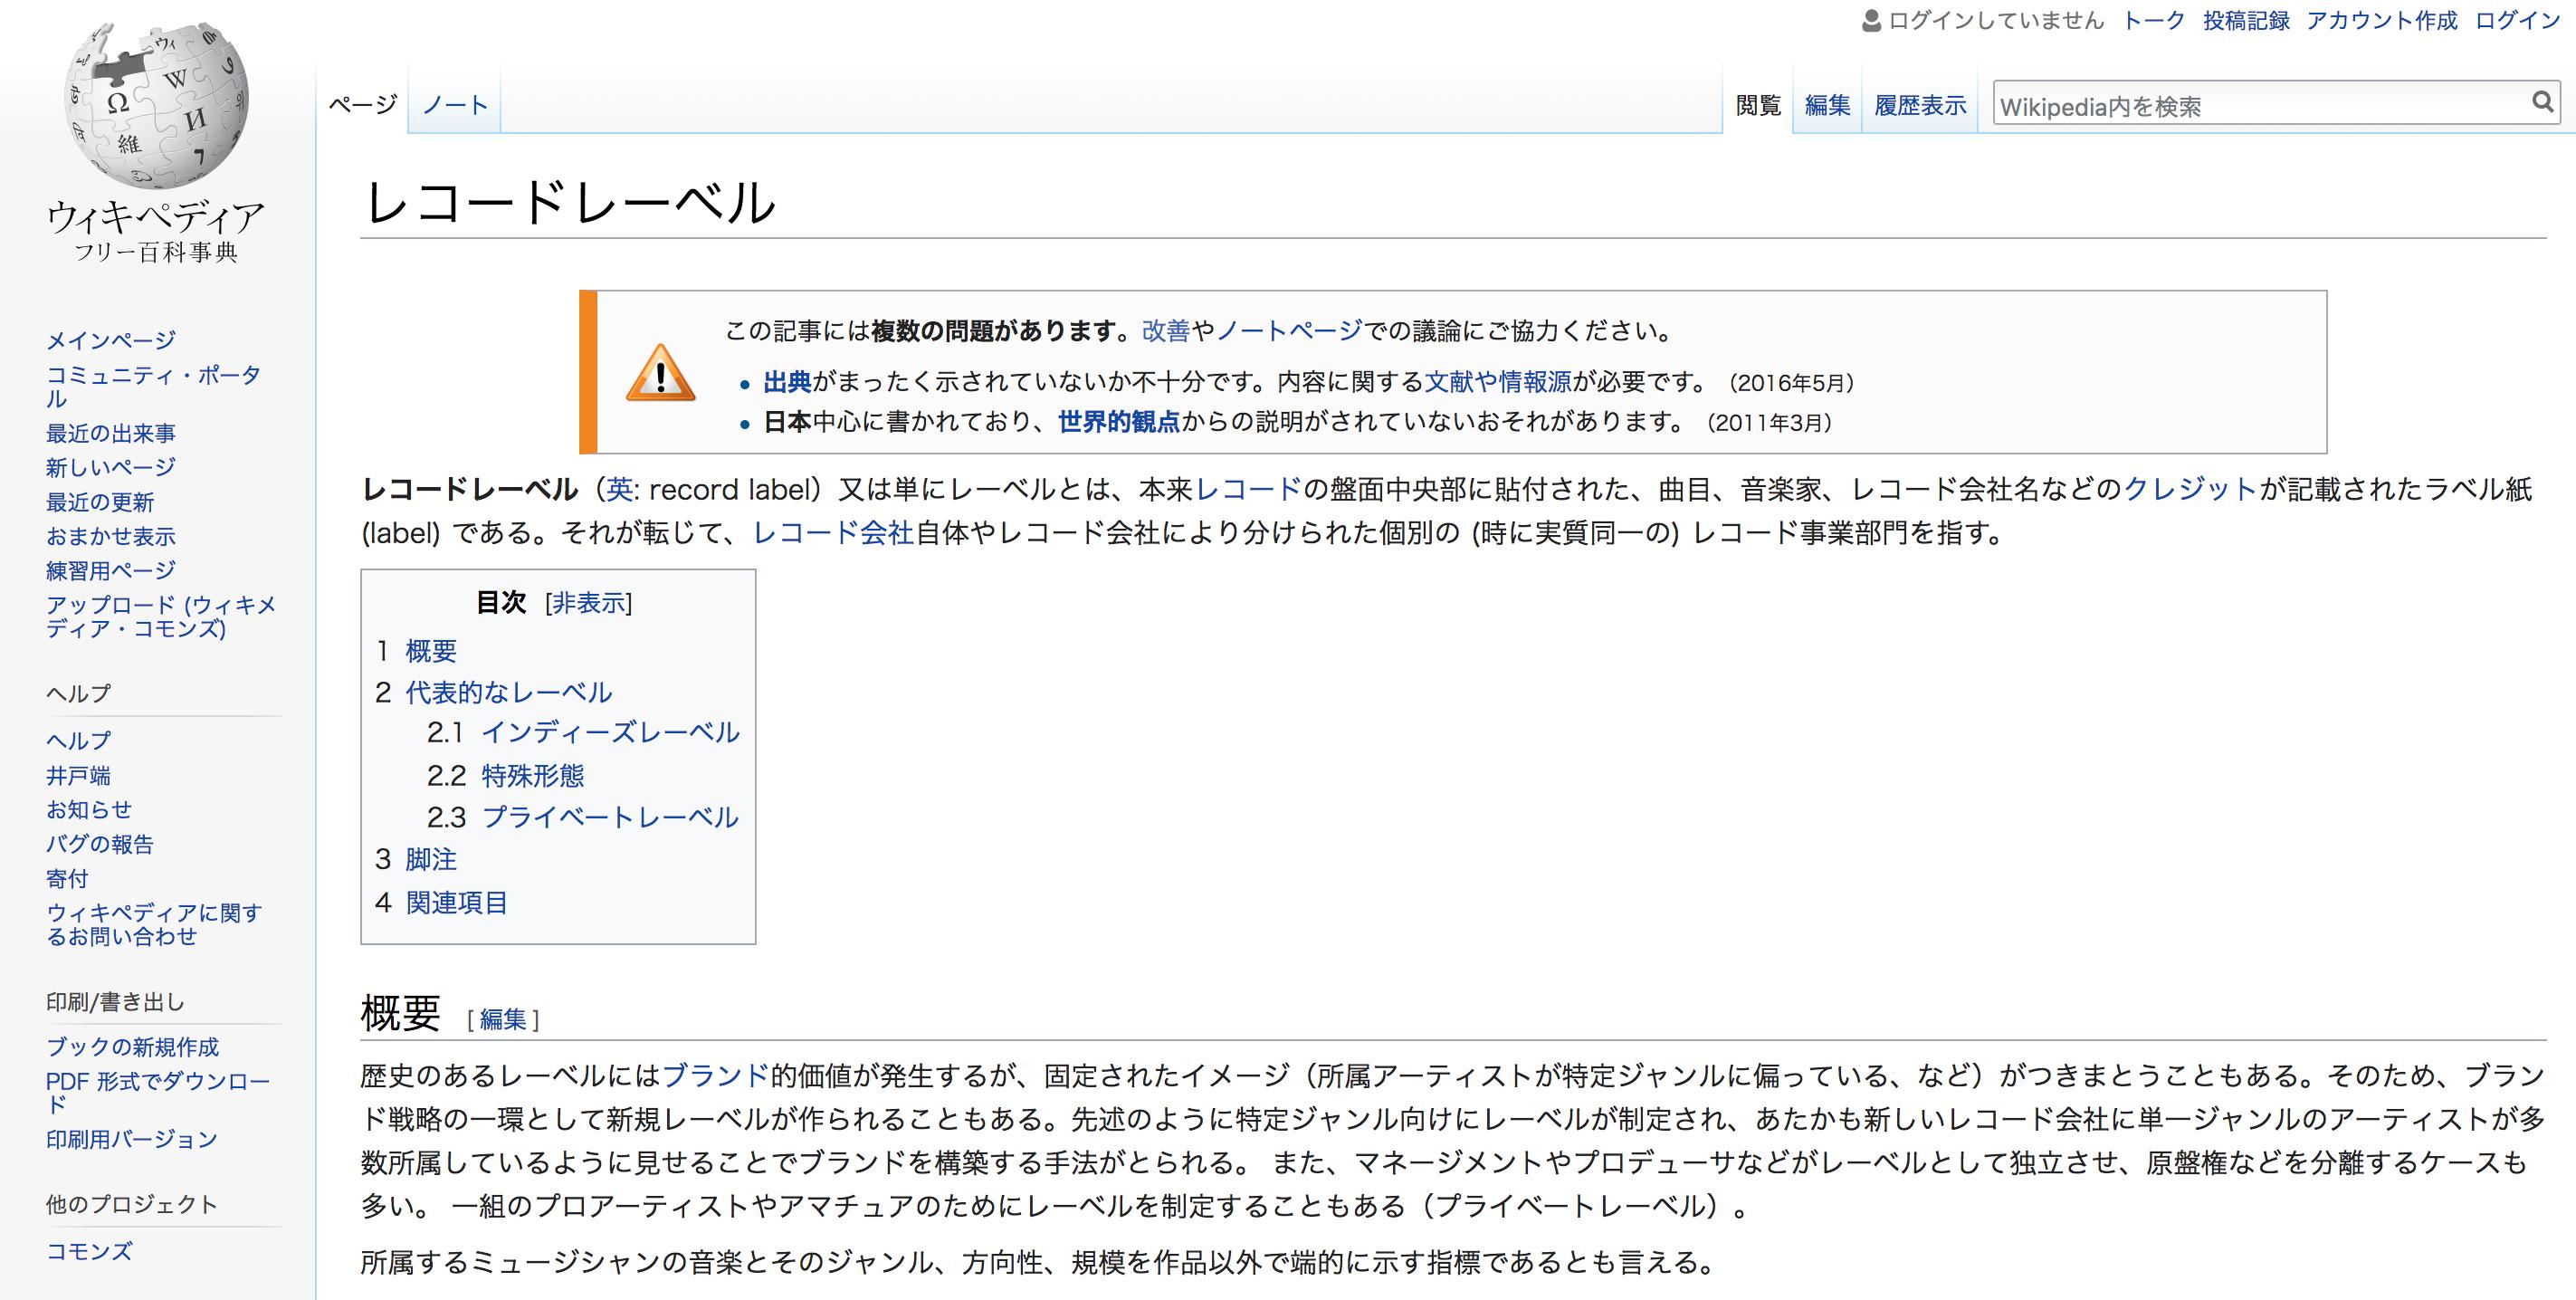 Wikipedia - レコードレーベル -|画像